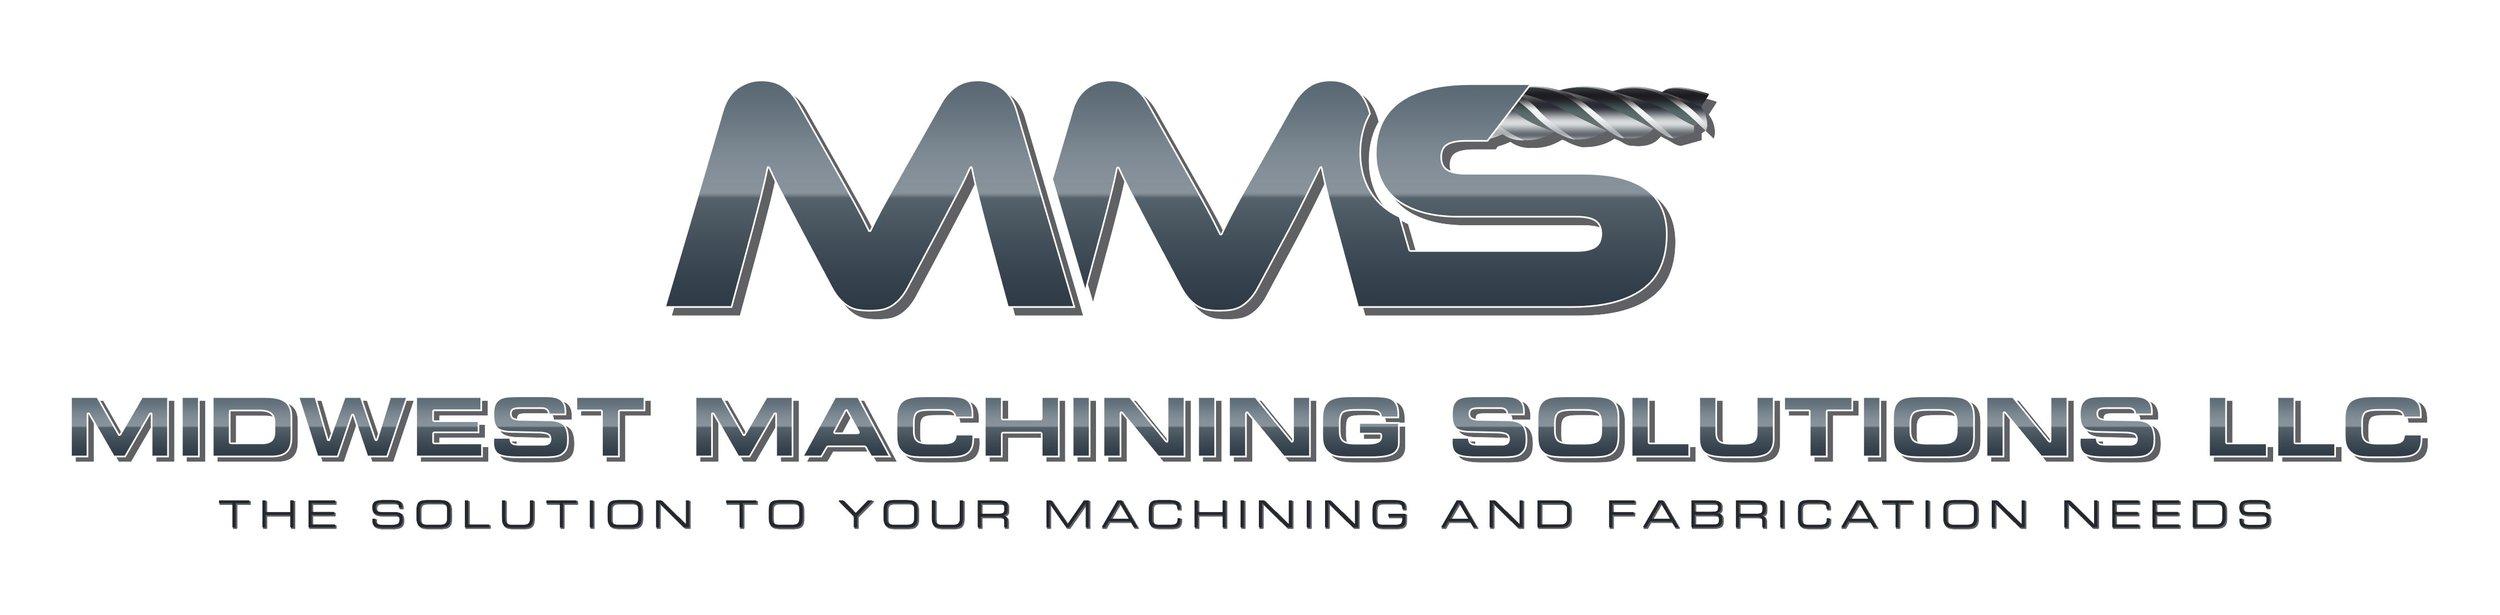 midmacsol_logo_4 (1).jpg